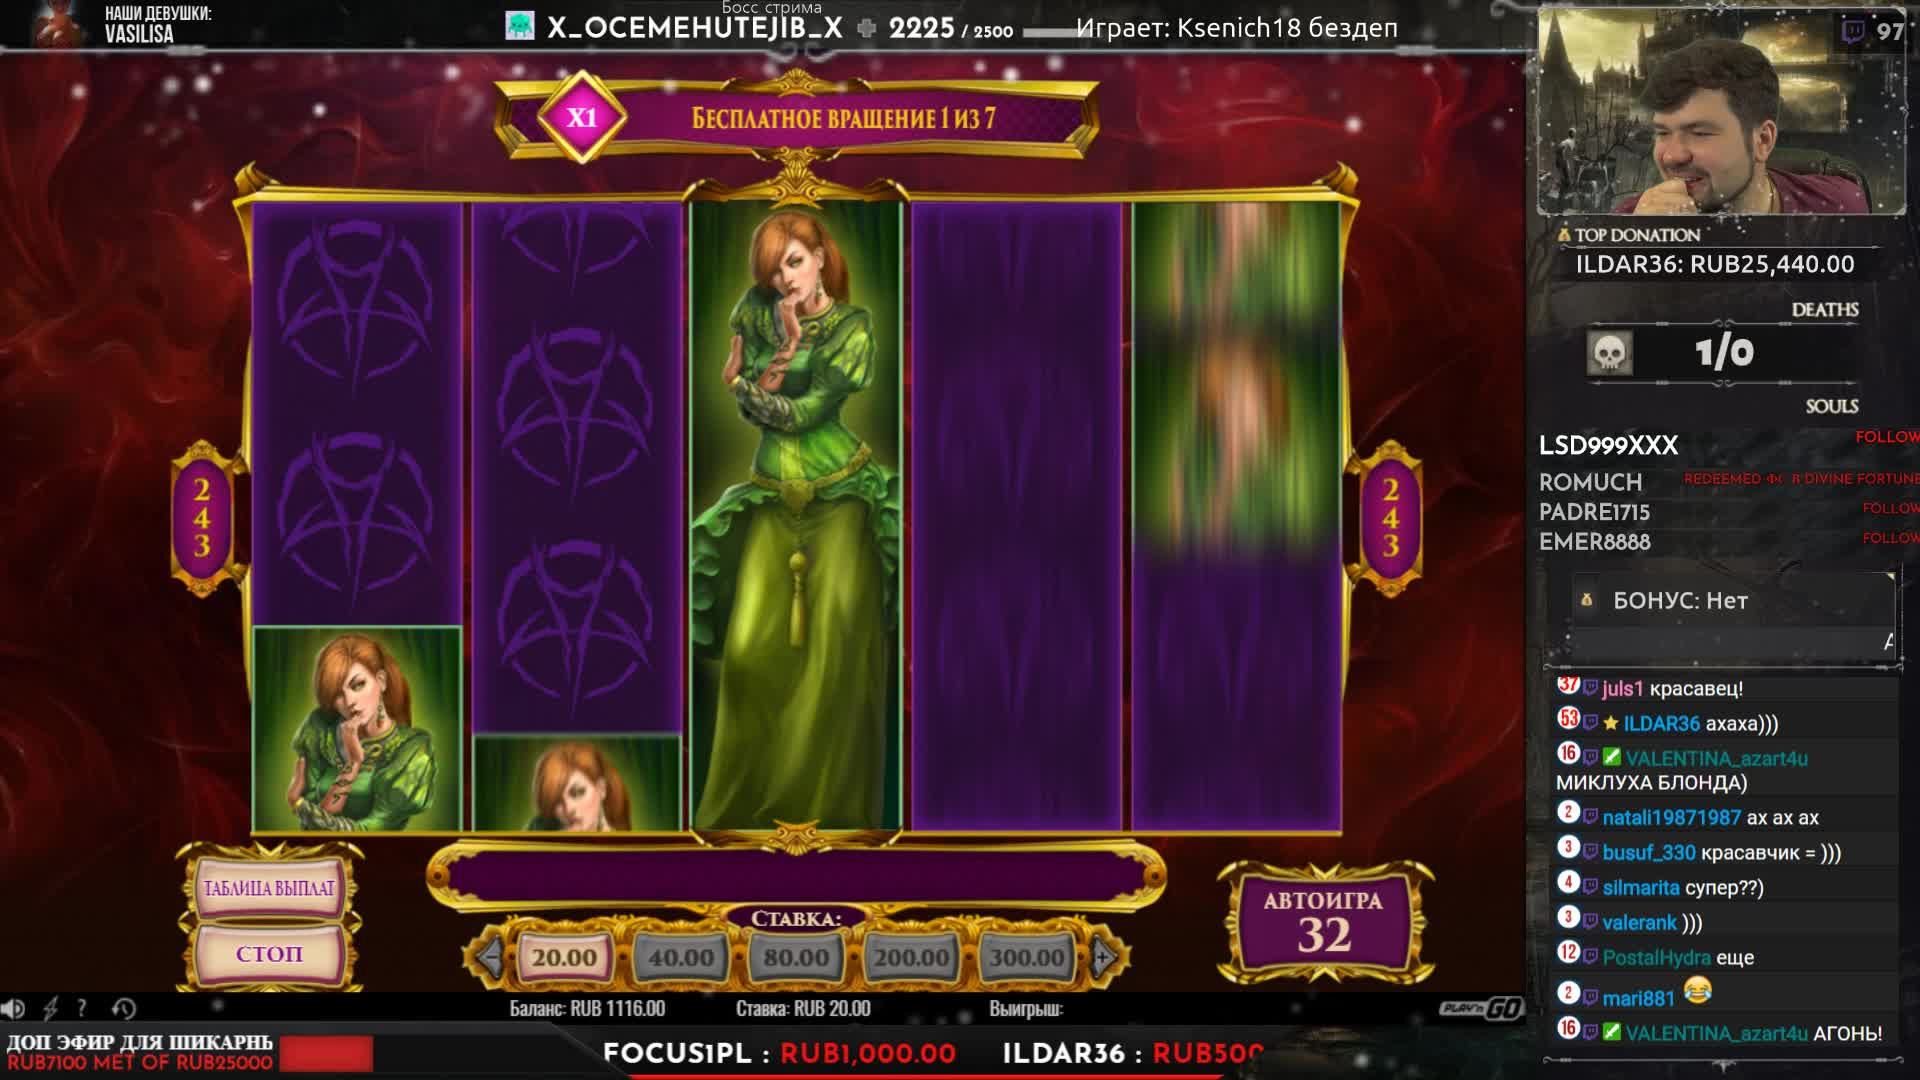 официальный сайт aplay casino промокод